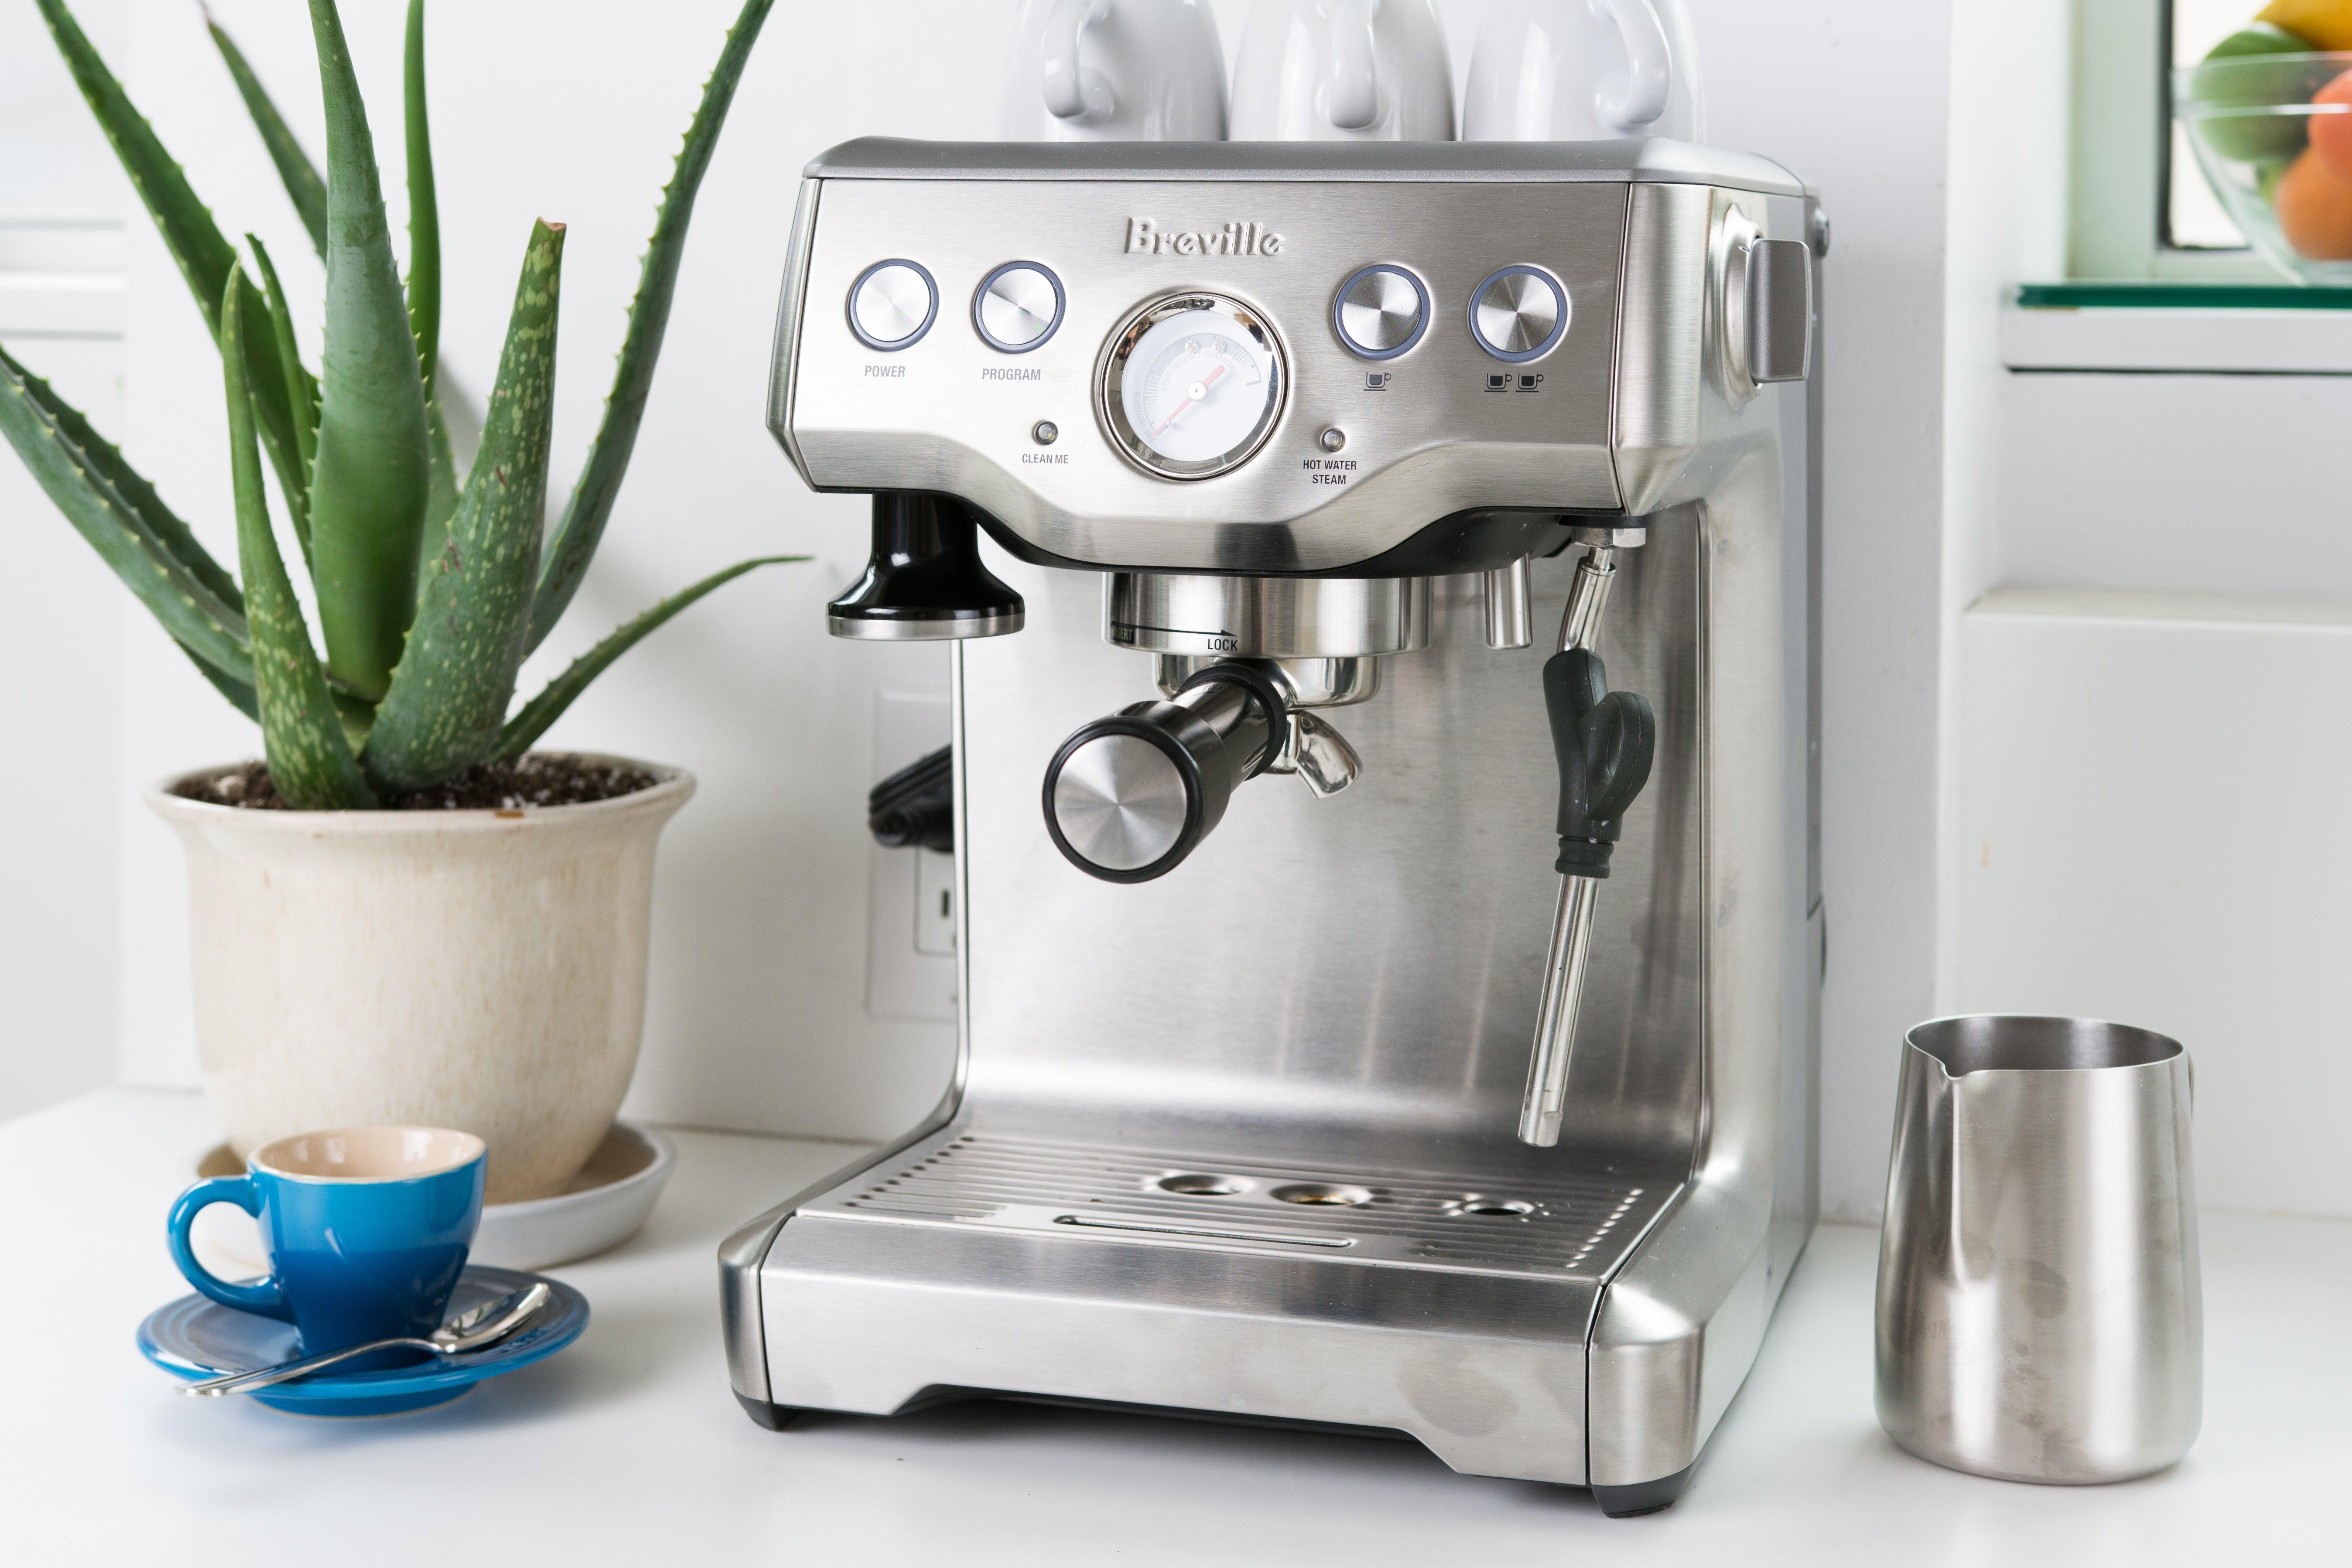 Breville Infuser espresso machine